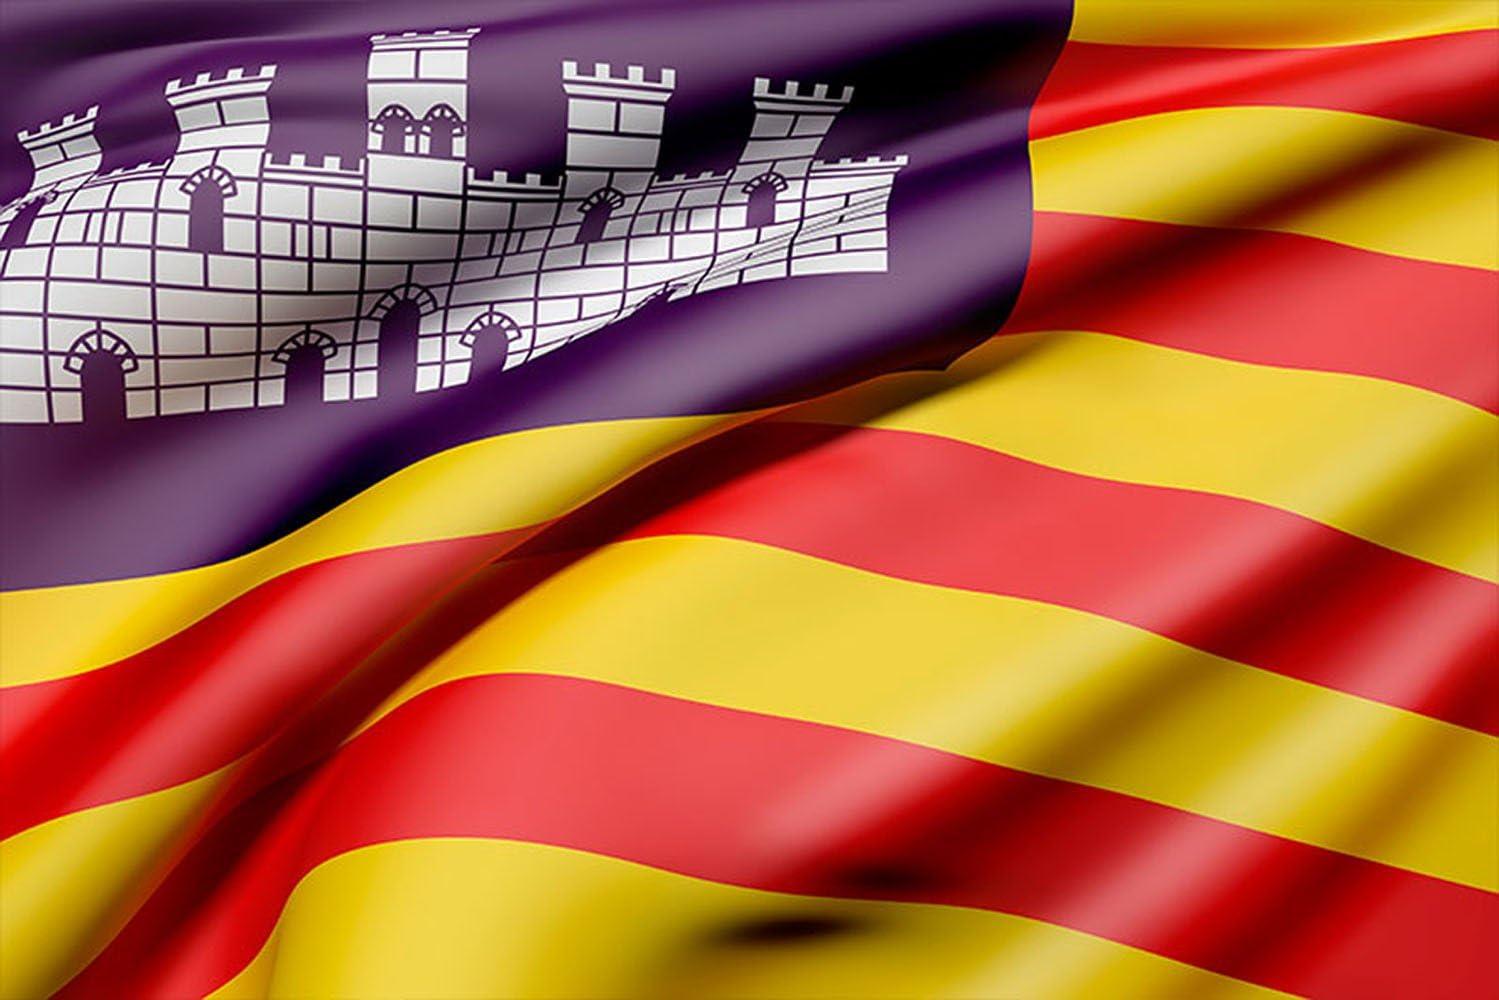 Oedim Bandera de La Comunidad de Las Islas Baleares 85x150cm | Reforzada y con Pespuntes| Bandera de La Comunidad de Las Islas Baleares con 2 Ojales Metálicos: Amazon.es: Hogar